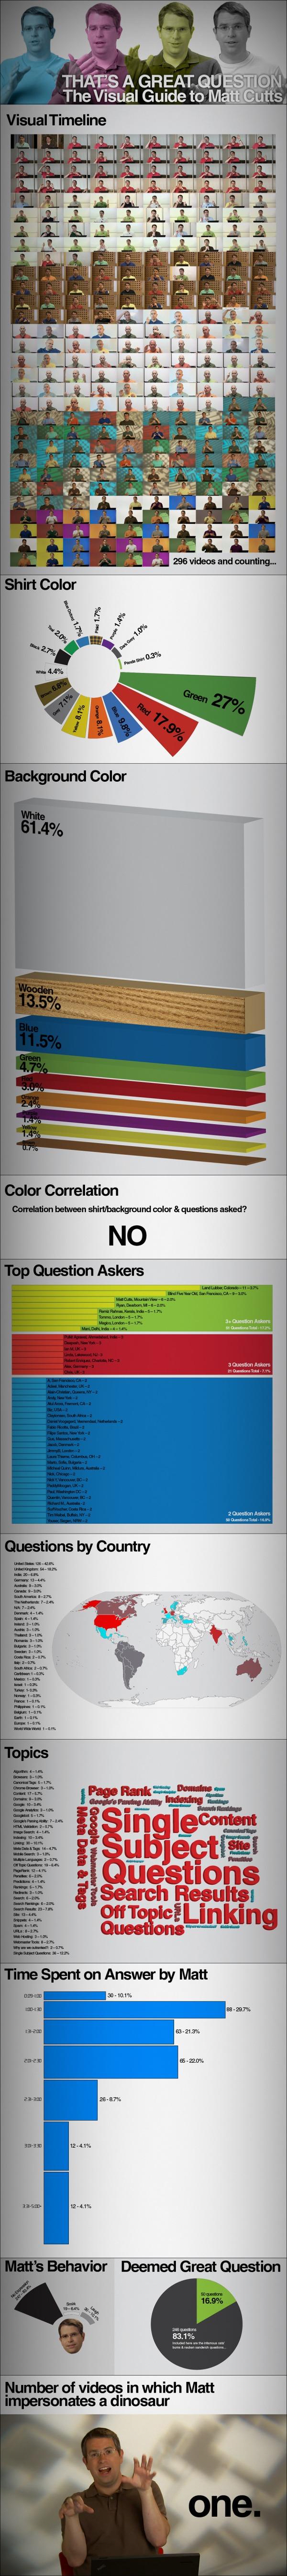 Matt Cutts Infographic